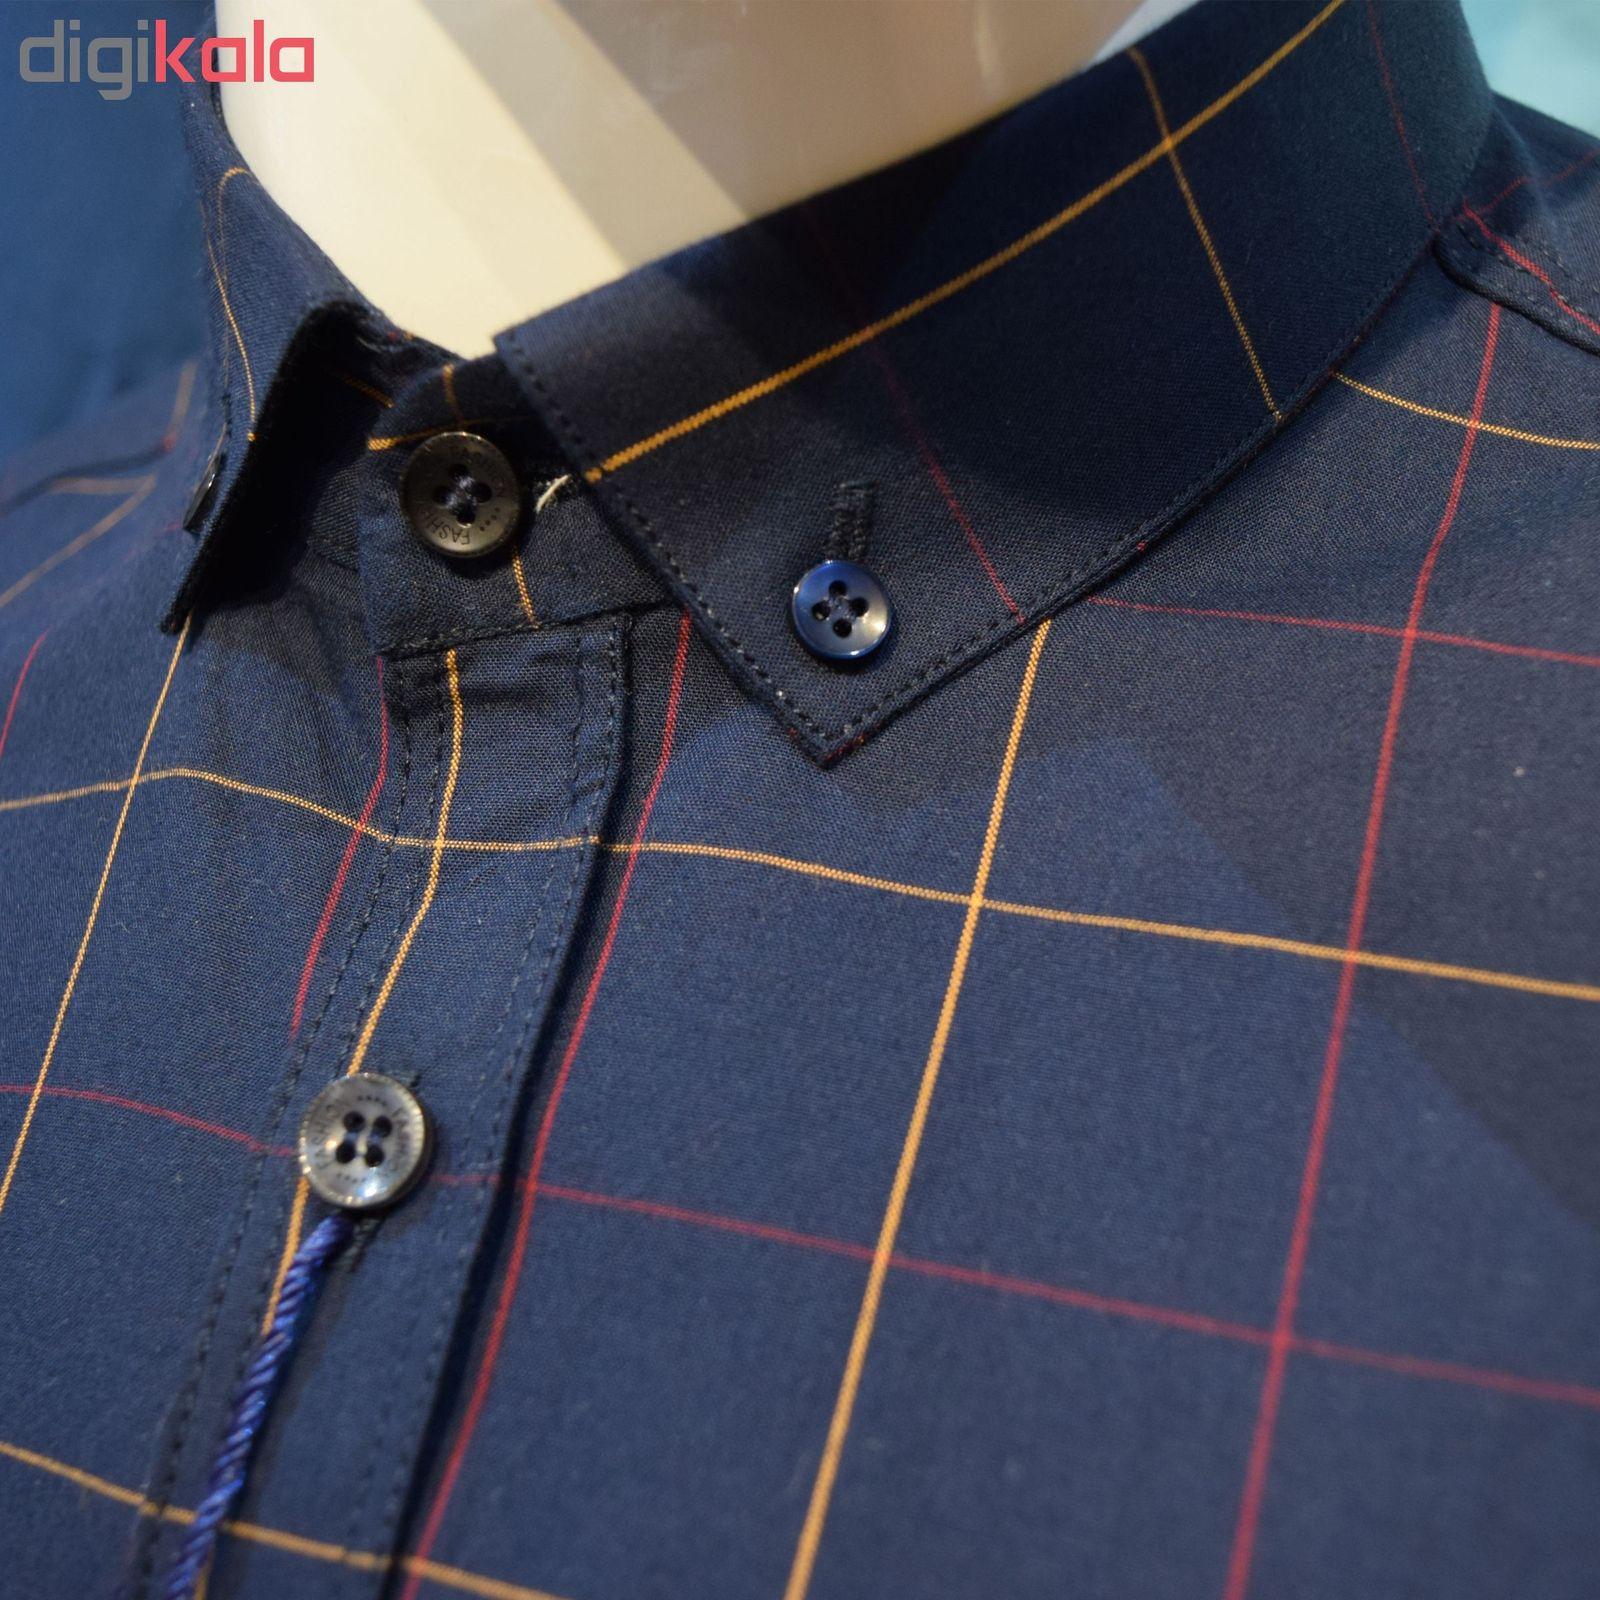 پیراهن مردانه پایتی جامه کد 1870977 main 1 2